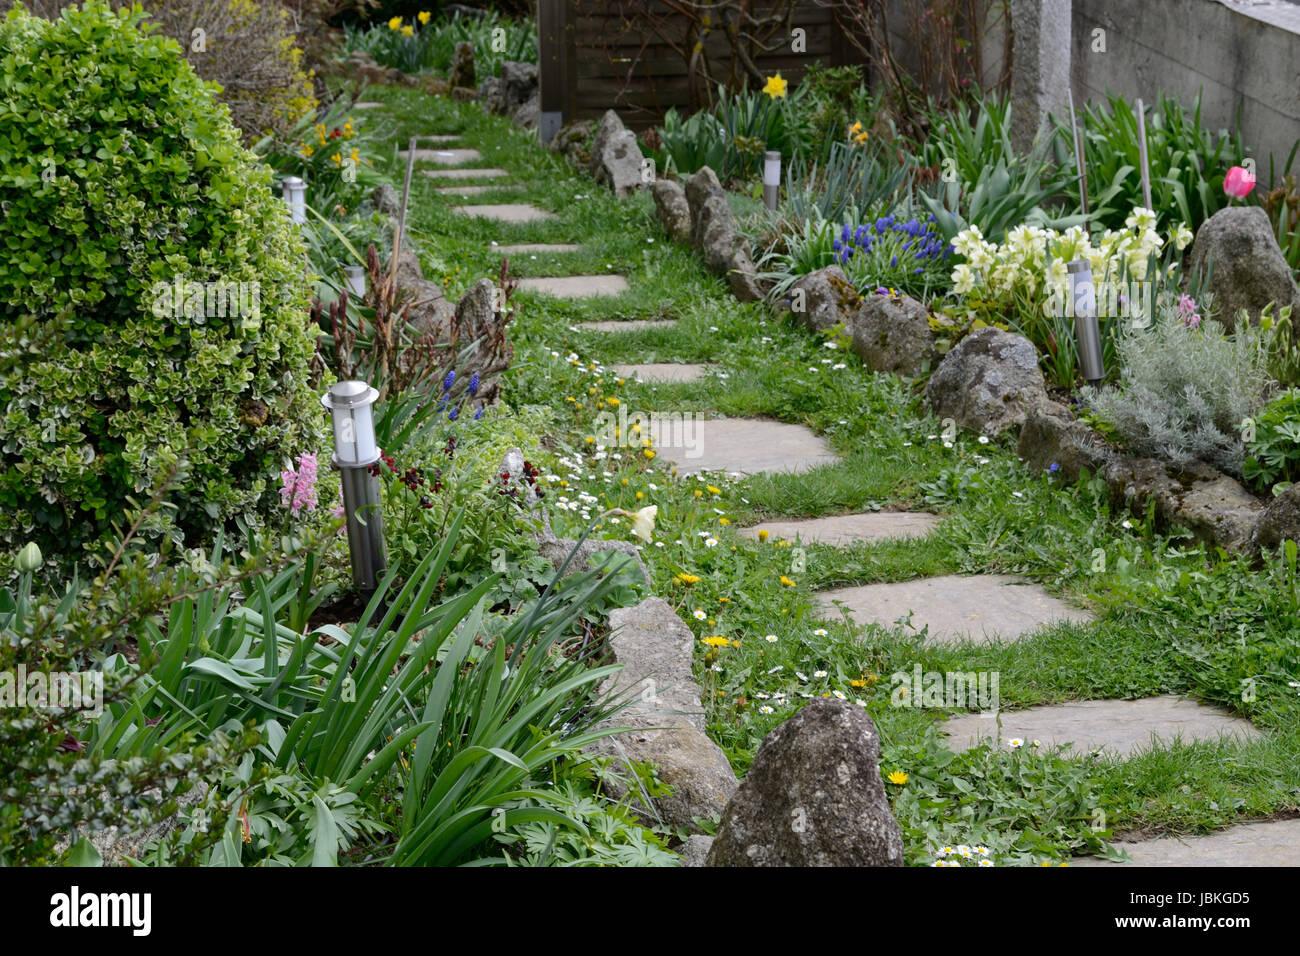 Steinplatten Bilden Weg Durch Einen Blumigen Garten   Stock Image